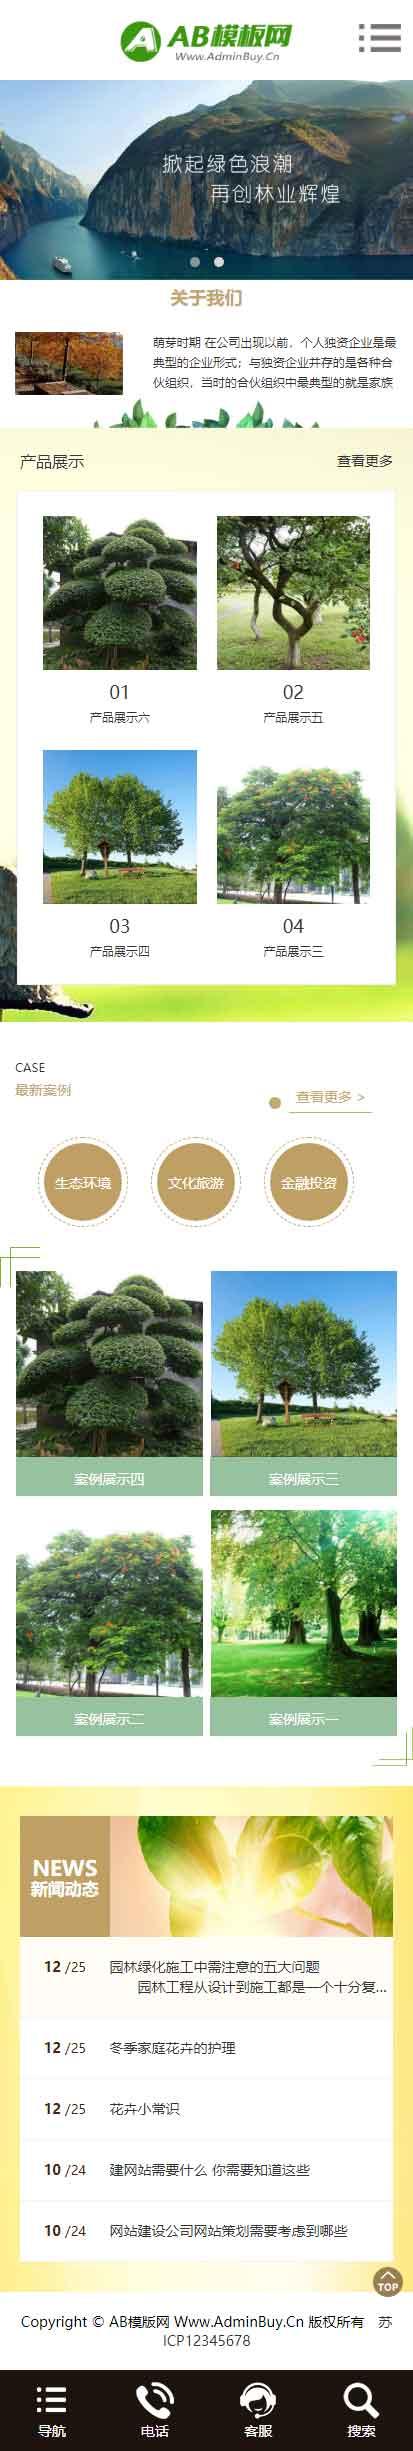 鹤云资源博客-建筑设计园林景观网站织梦dede模板源码[自适应手机版]插图1